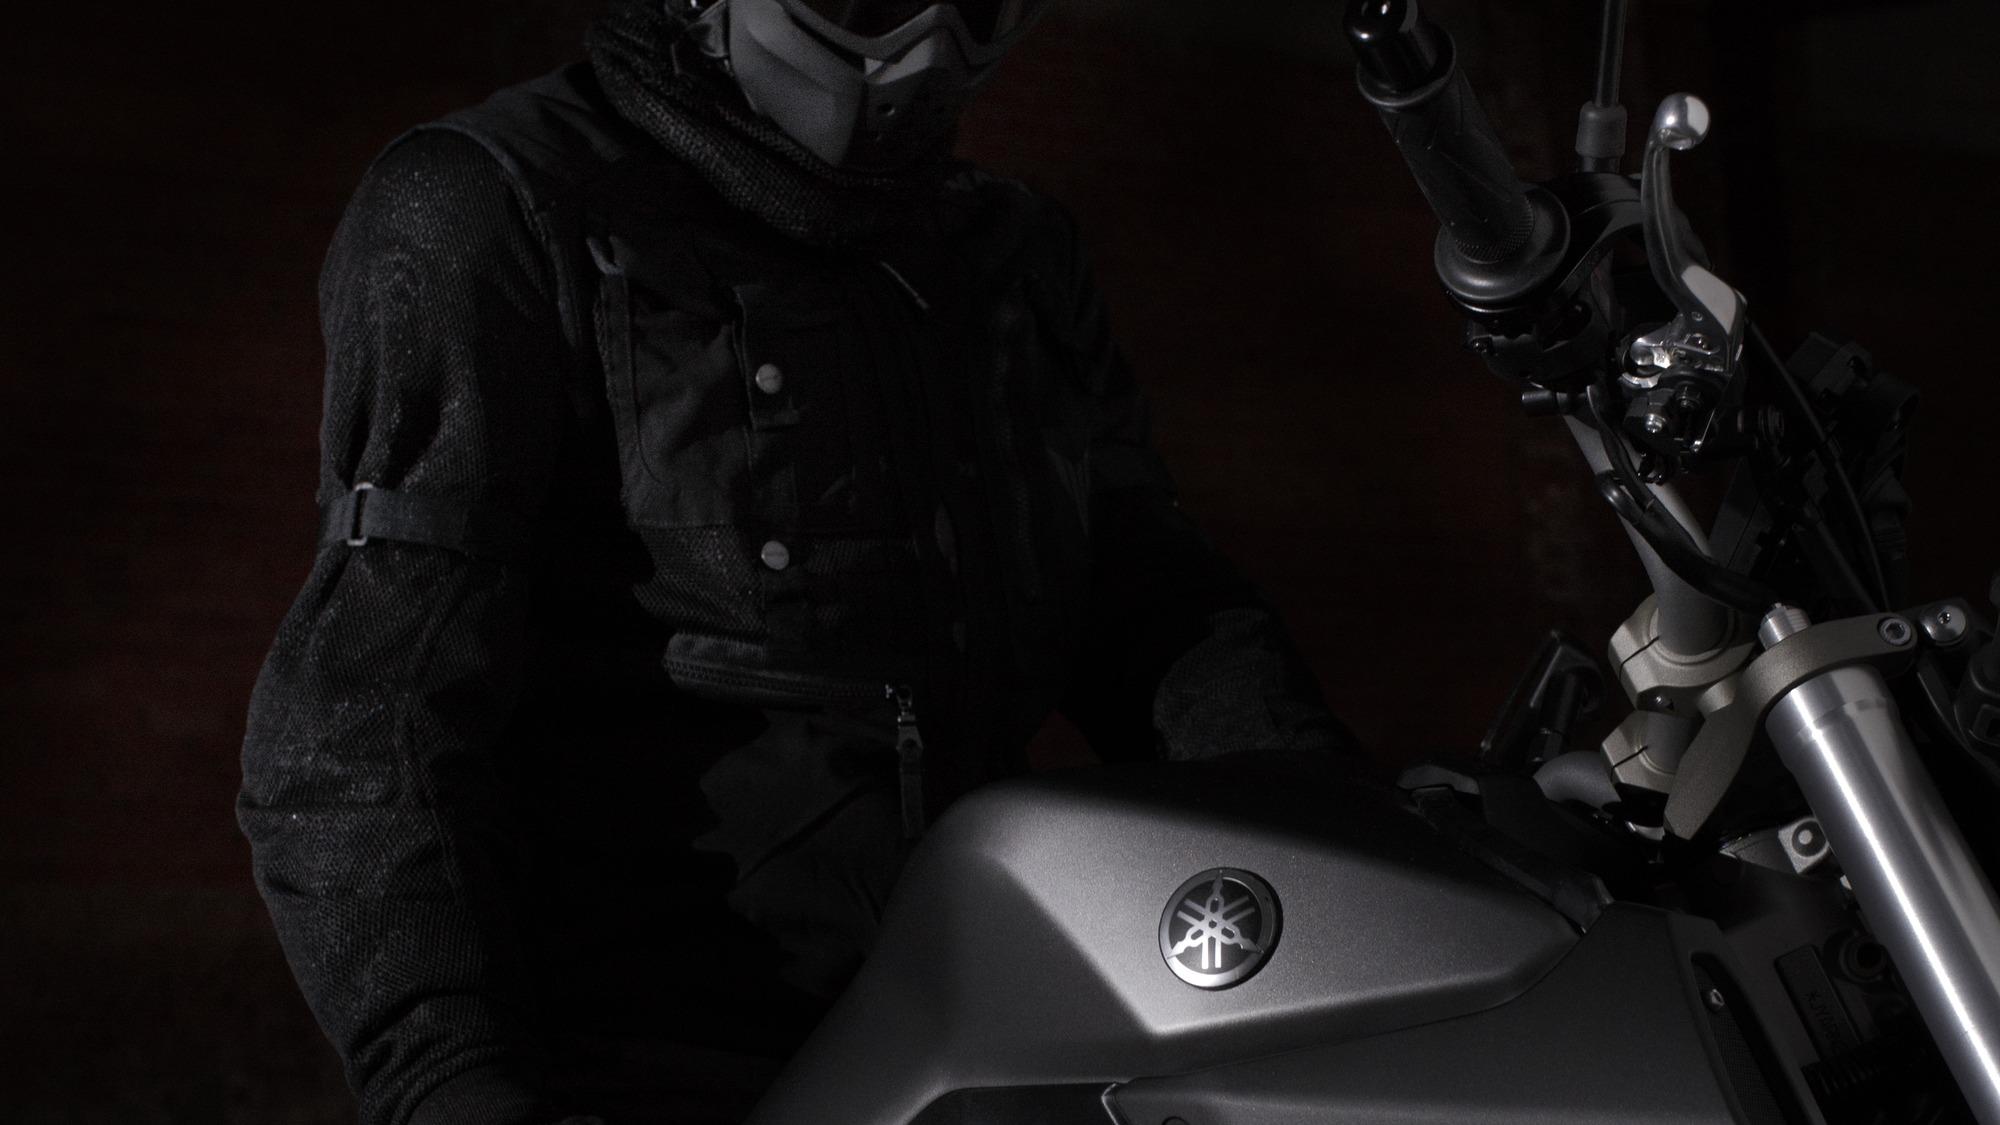 """เปิดตัวไปเป็นที่เรียบร้อยสำหรับ Yamaha MT-09 ใหม่เอี่ยม ในพิกัด 850 cc """"3 สูบ"""""""